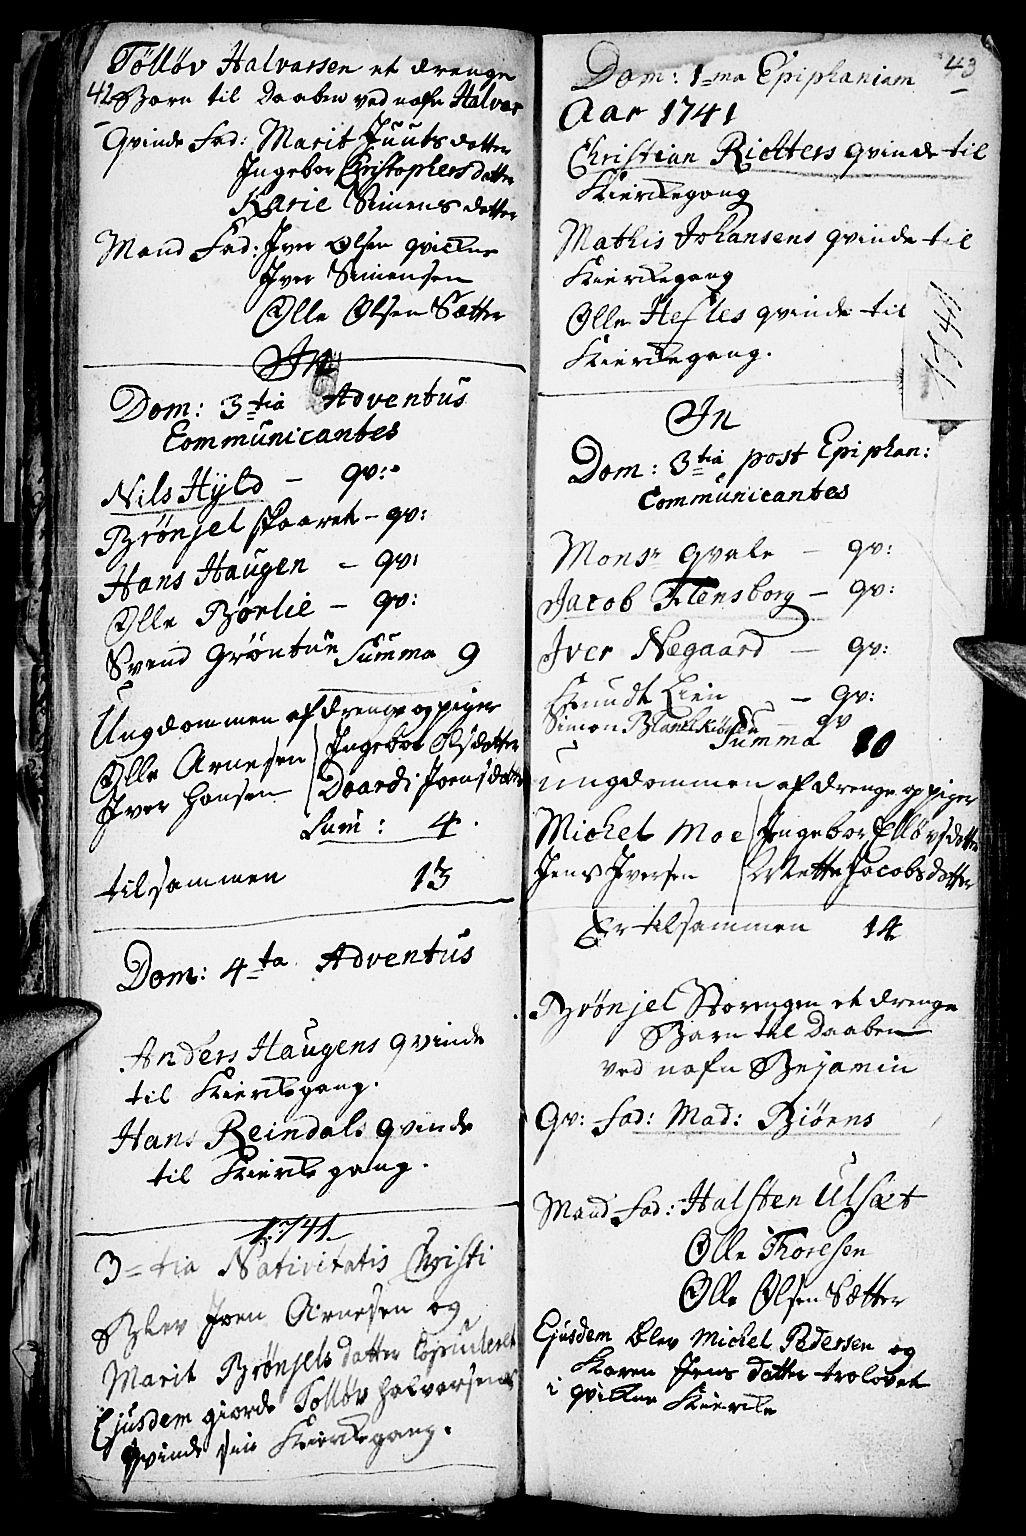 SAH, Kvikne prestekontor, Parish register (official) no. 1, 1740-1756, p. 42-43